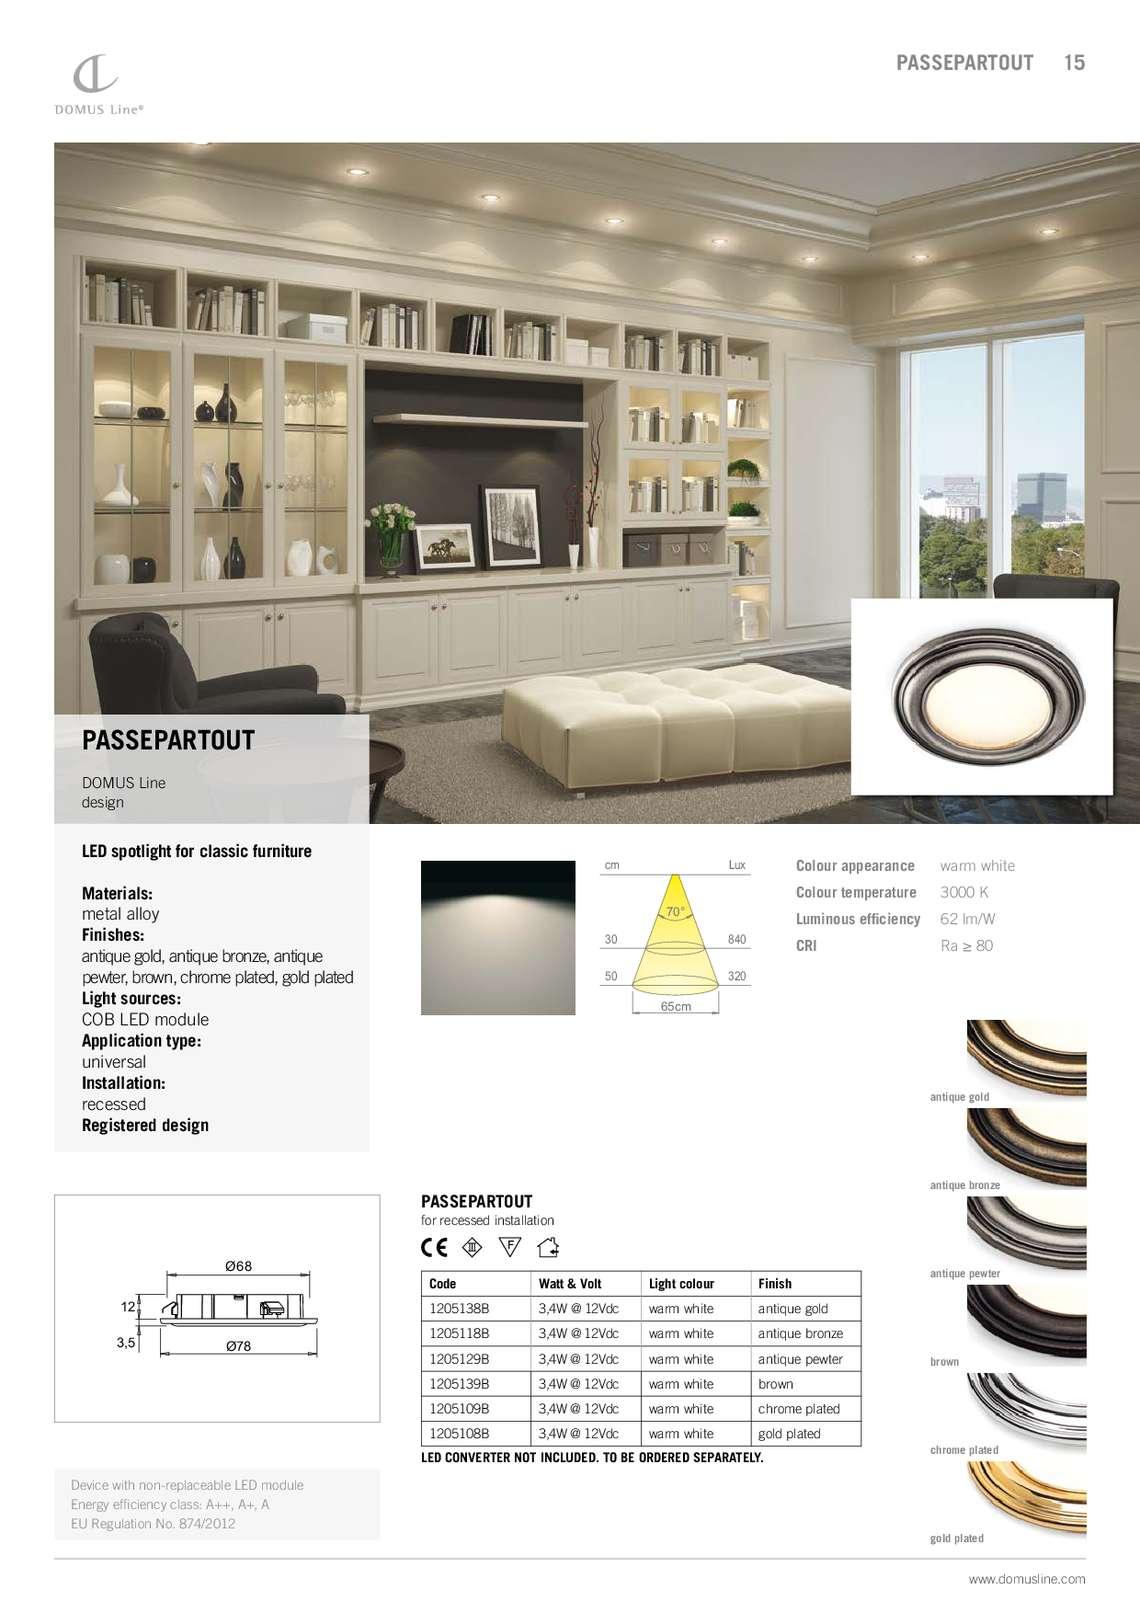 domus-line-top-seller_27_016.jpg